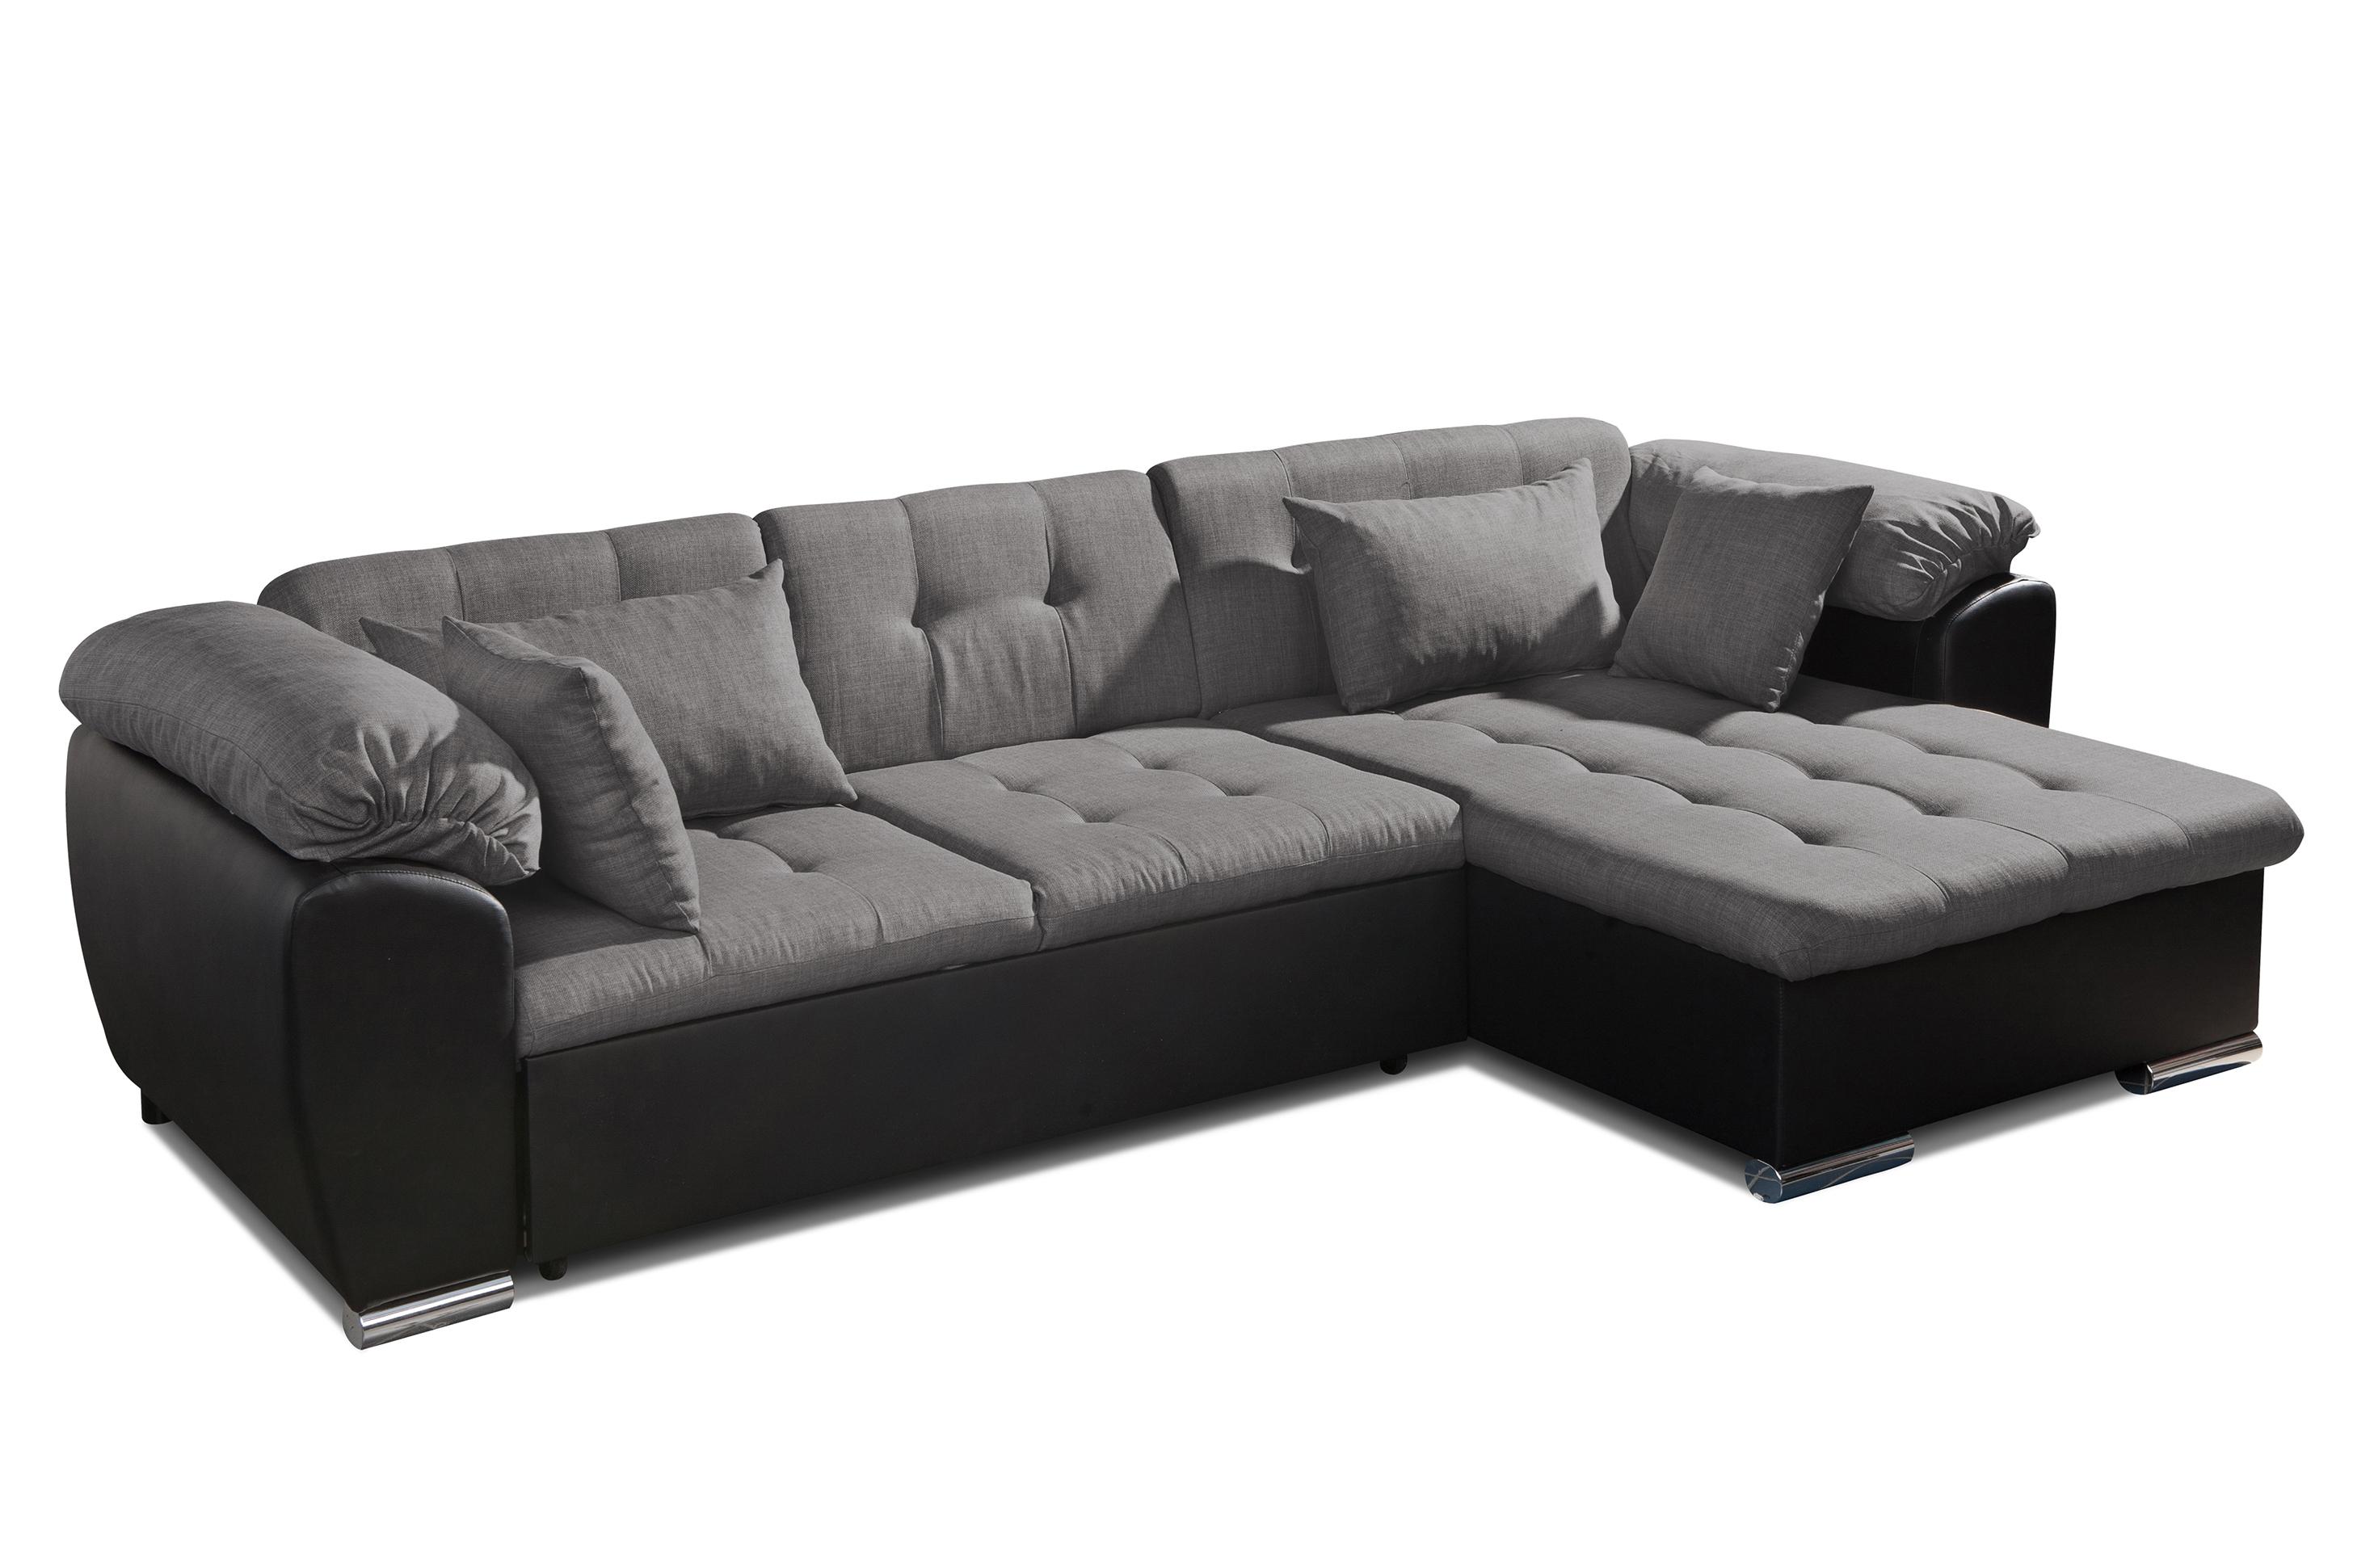 15 Photos Leather Corner Sofa Bed Sofa Ideas